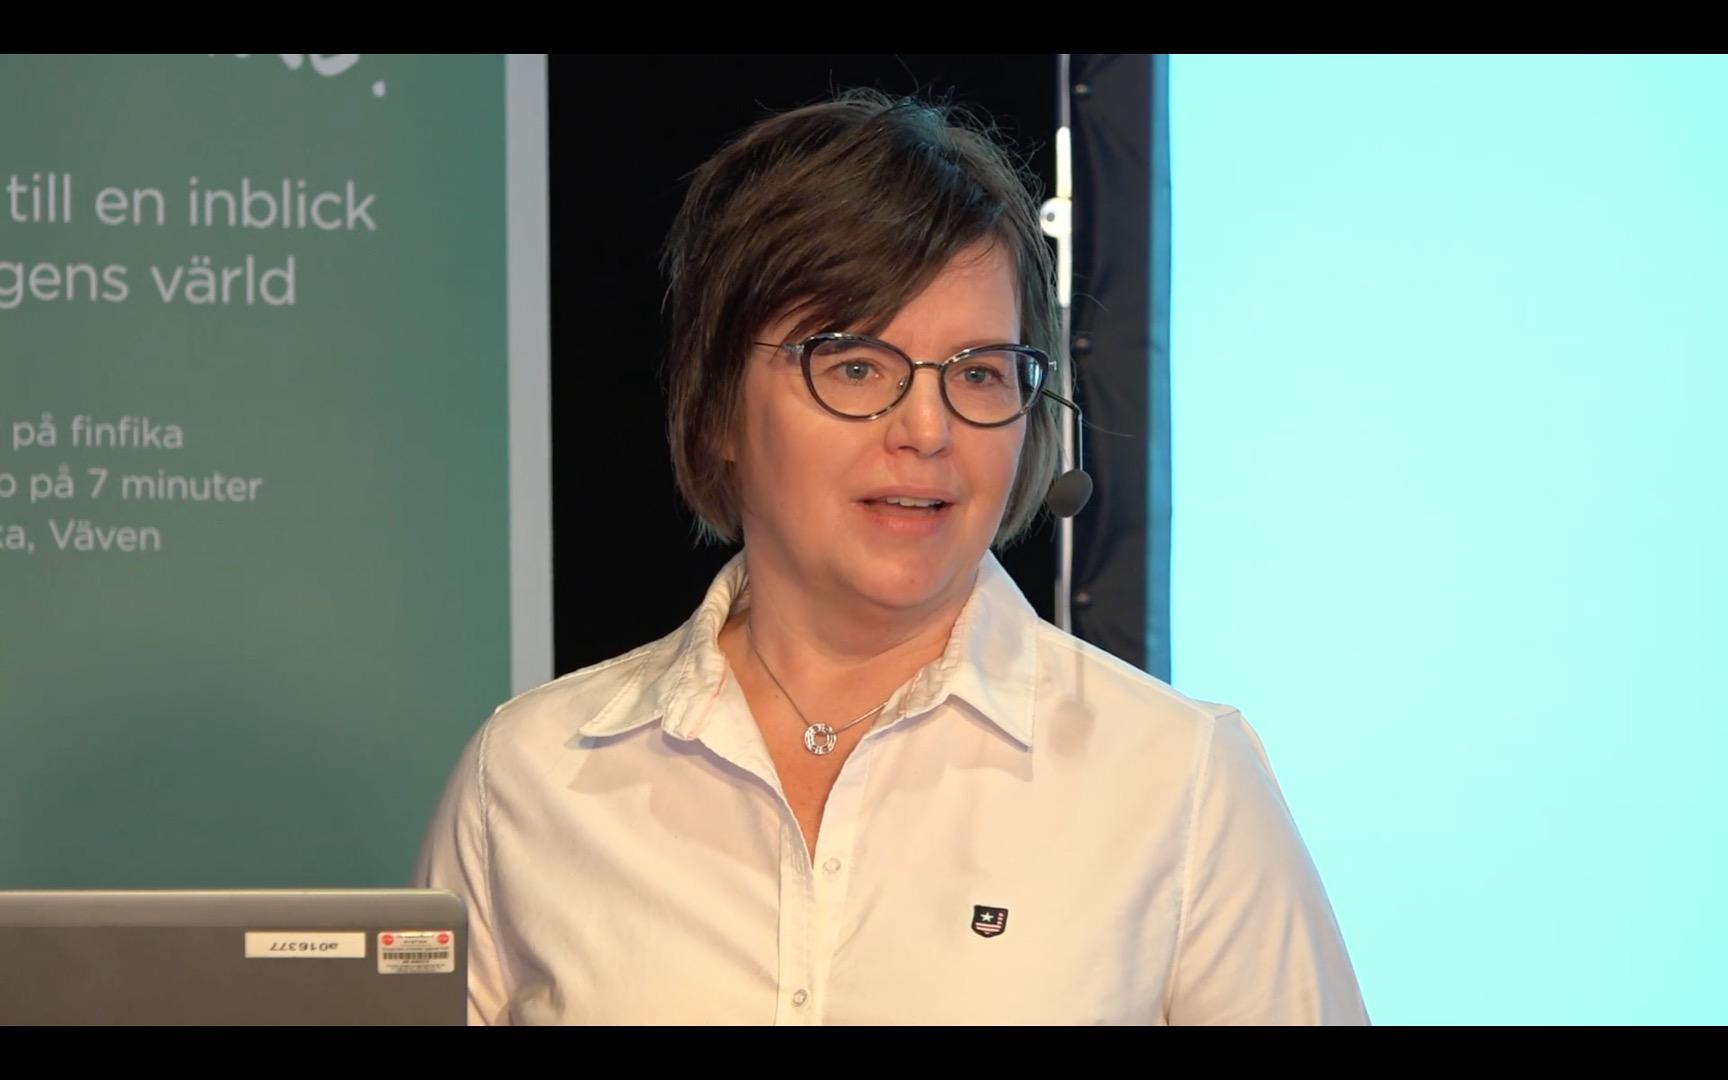 Inger Nilsson föreläser